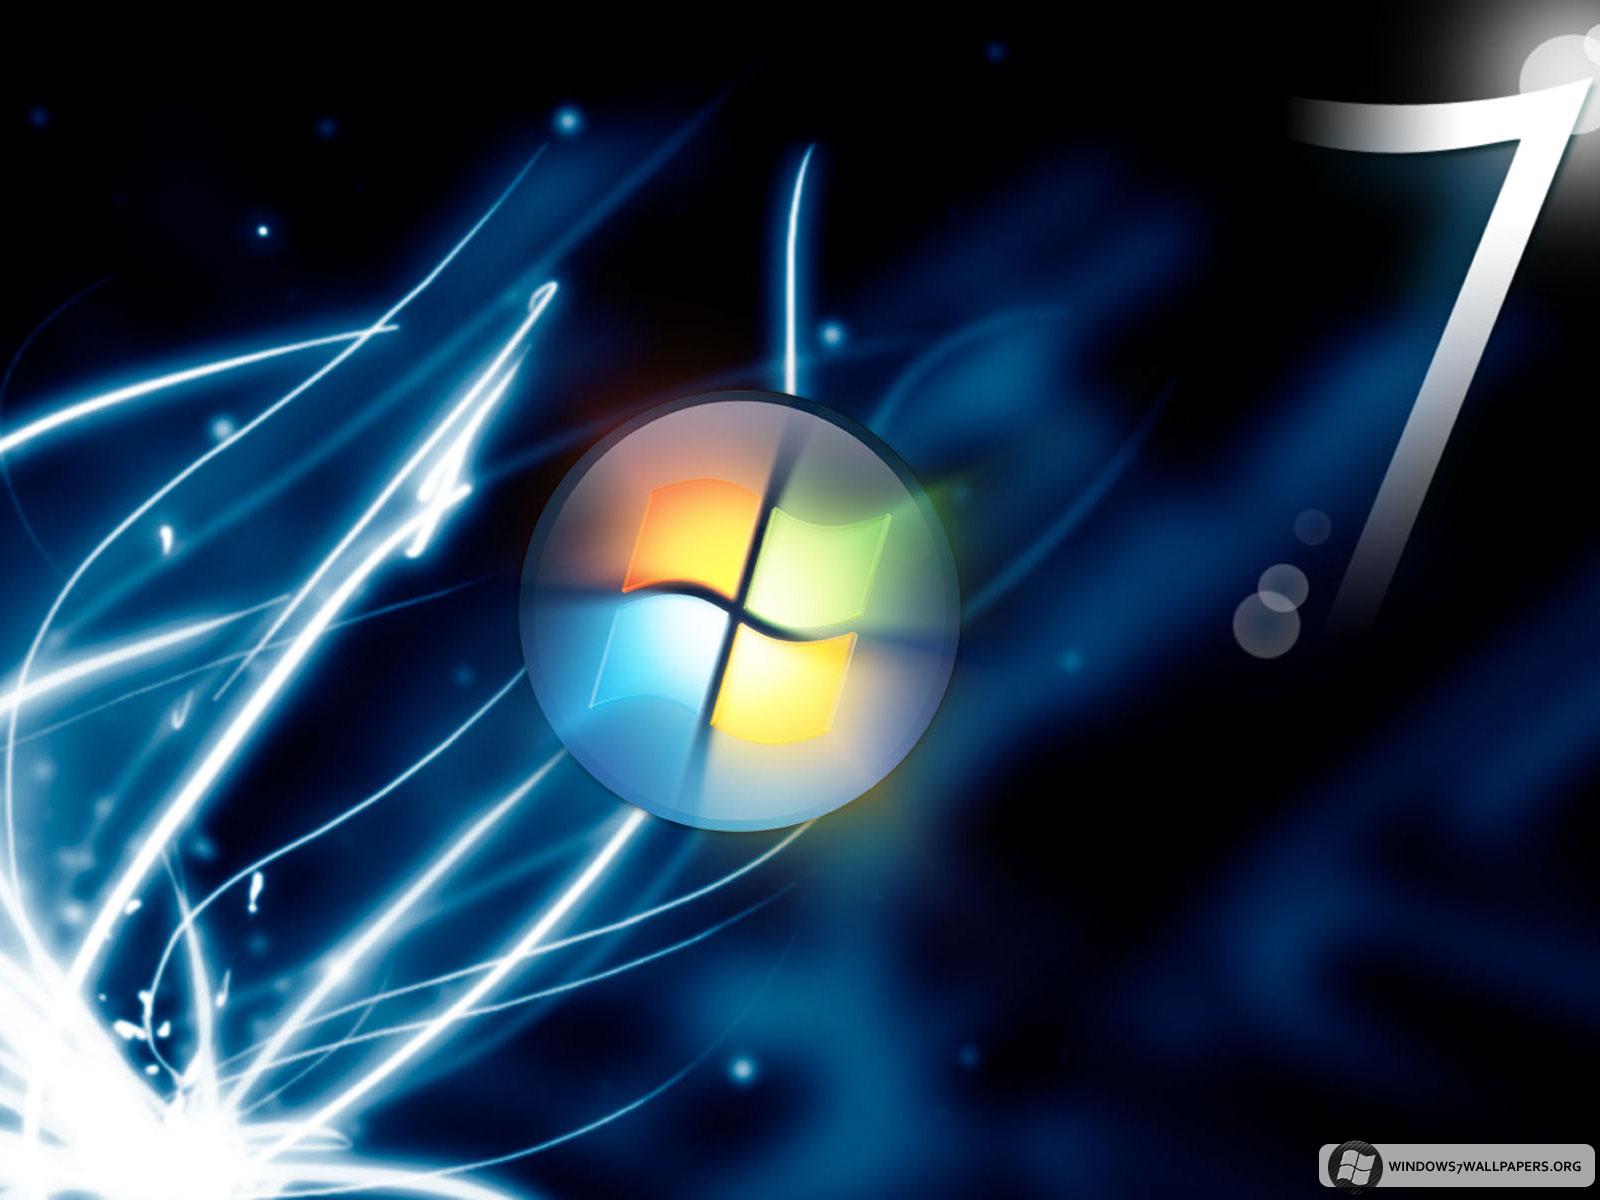 F1 Fondos de pantalla para Windows 7